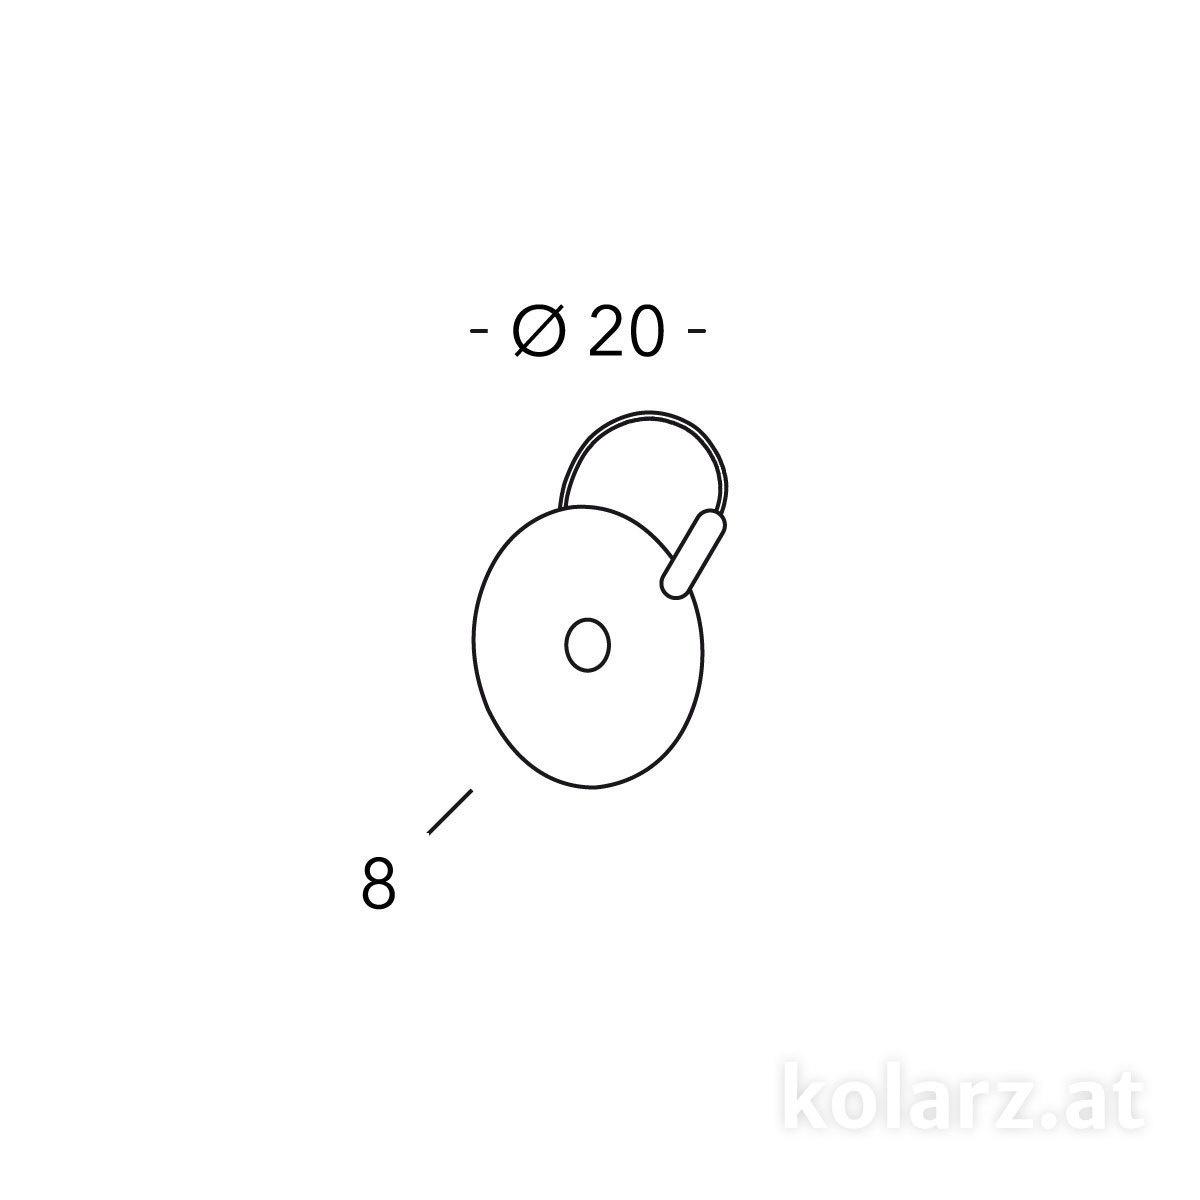 5110-60130-000__li10-s1.jpg